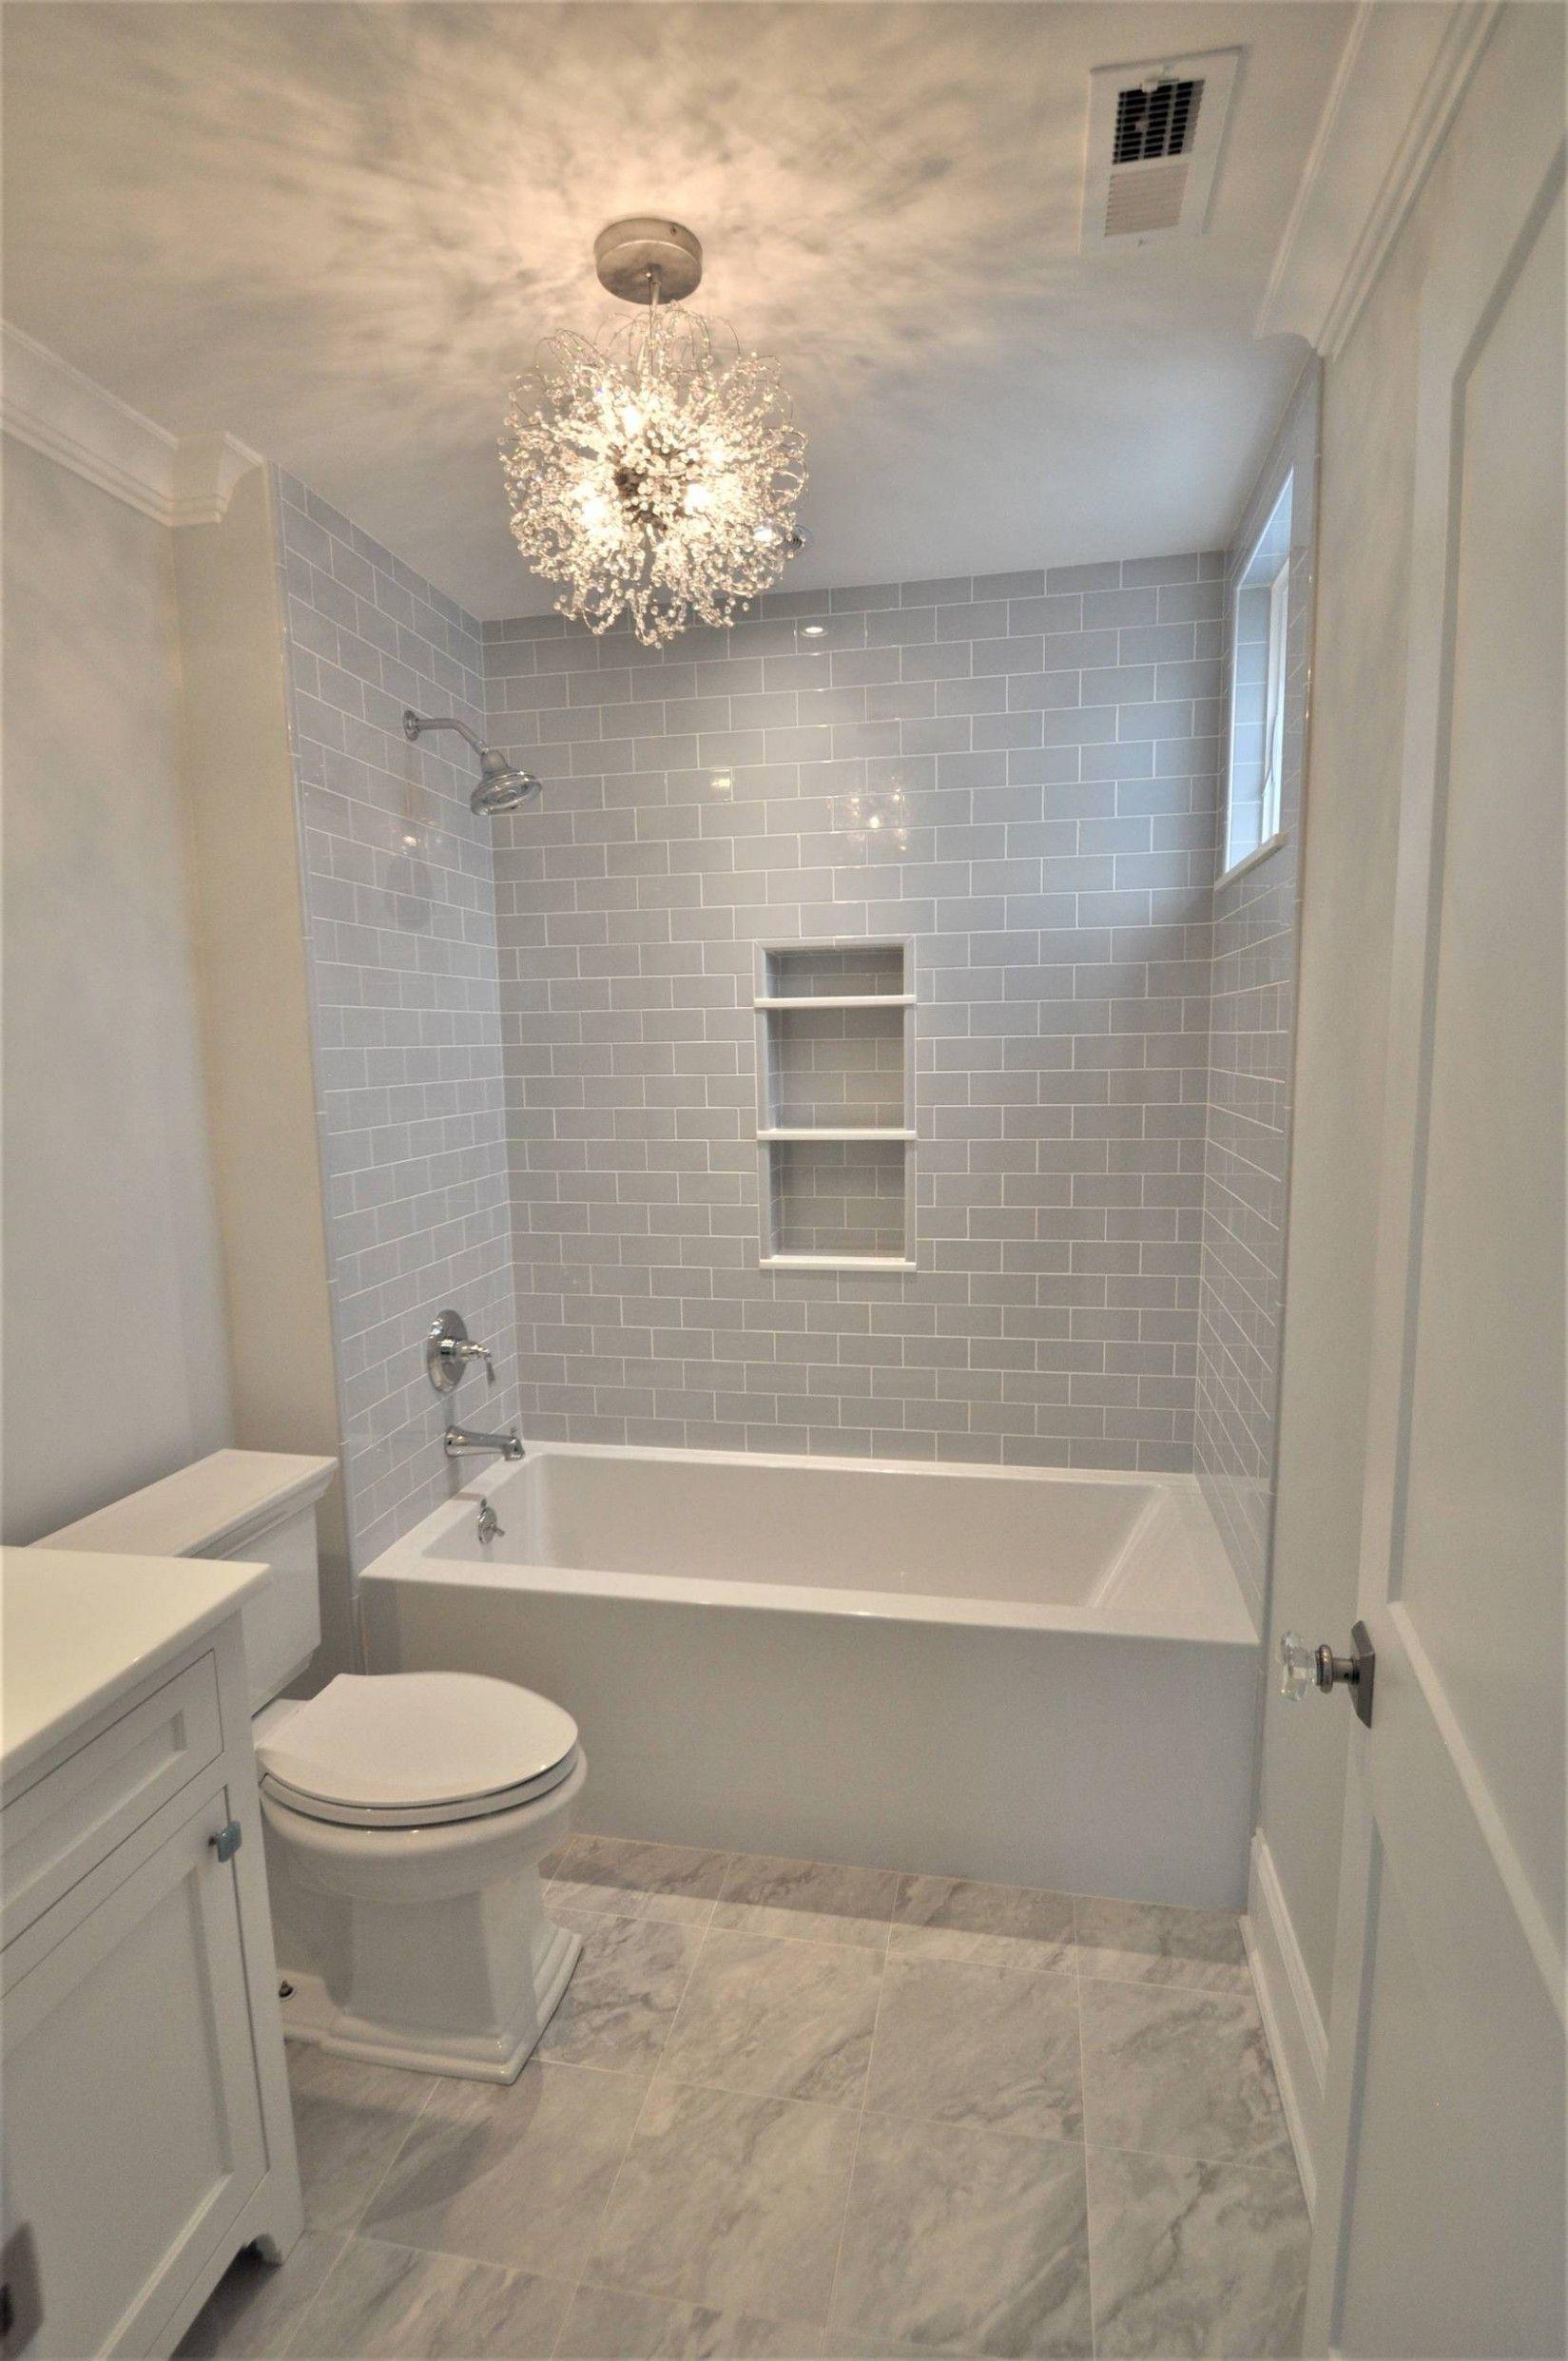 Small Ensuite Bathroom Ideas Ireland In 2020 Bathroom Design Small Small Bathroom Bathroom Remodel Shower